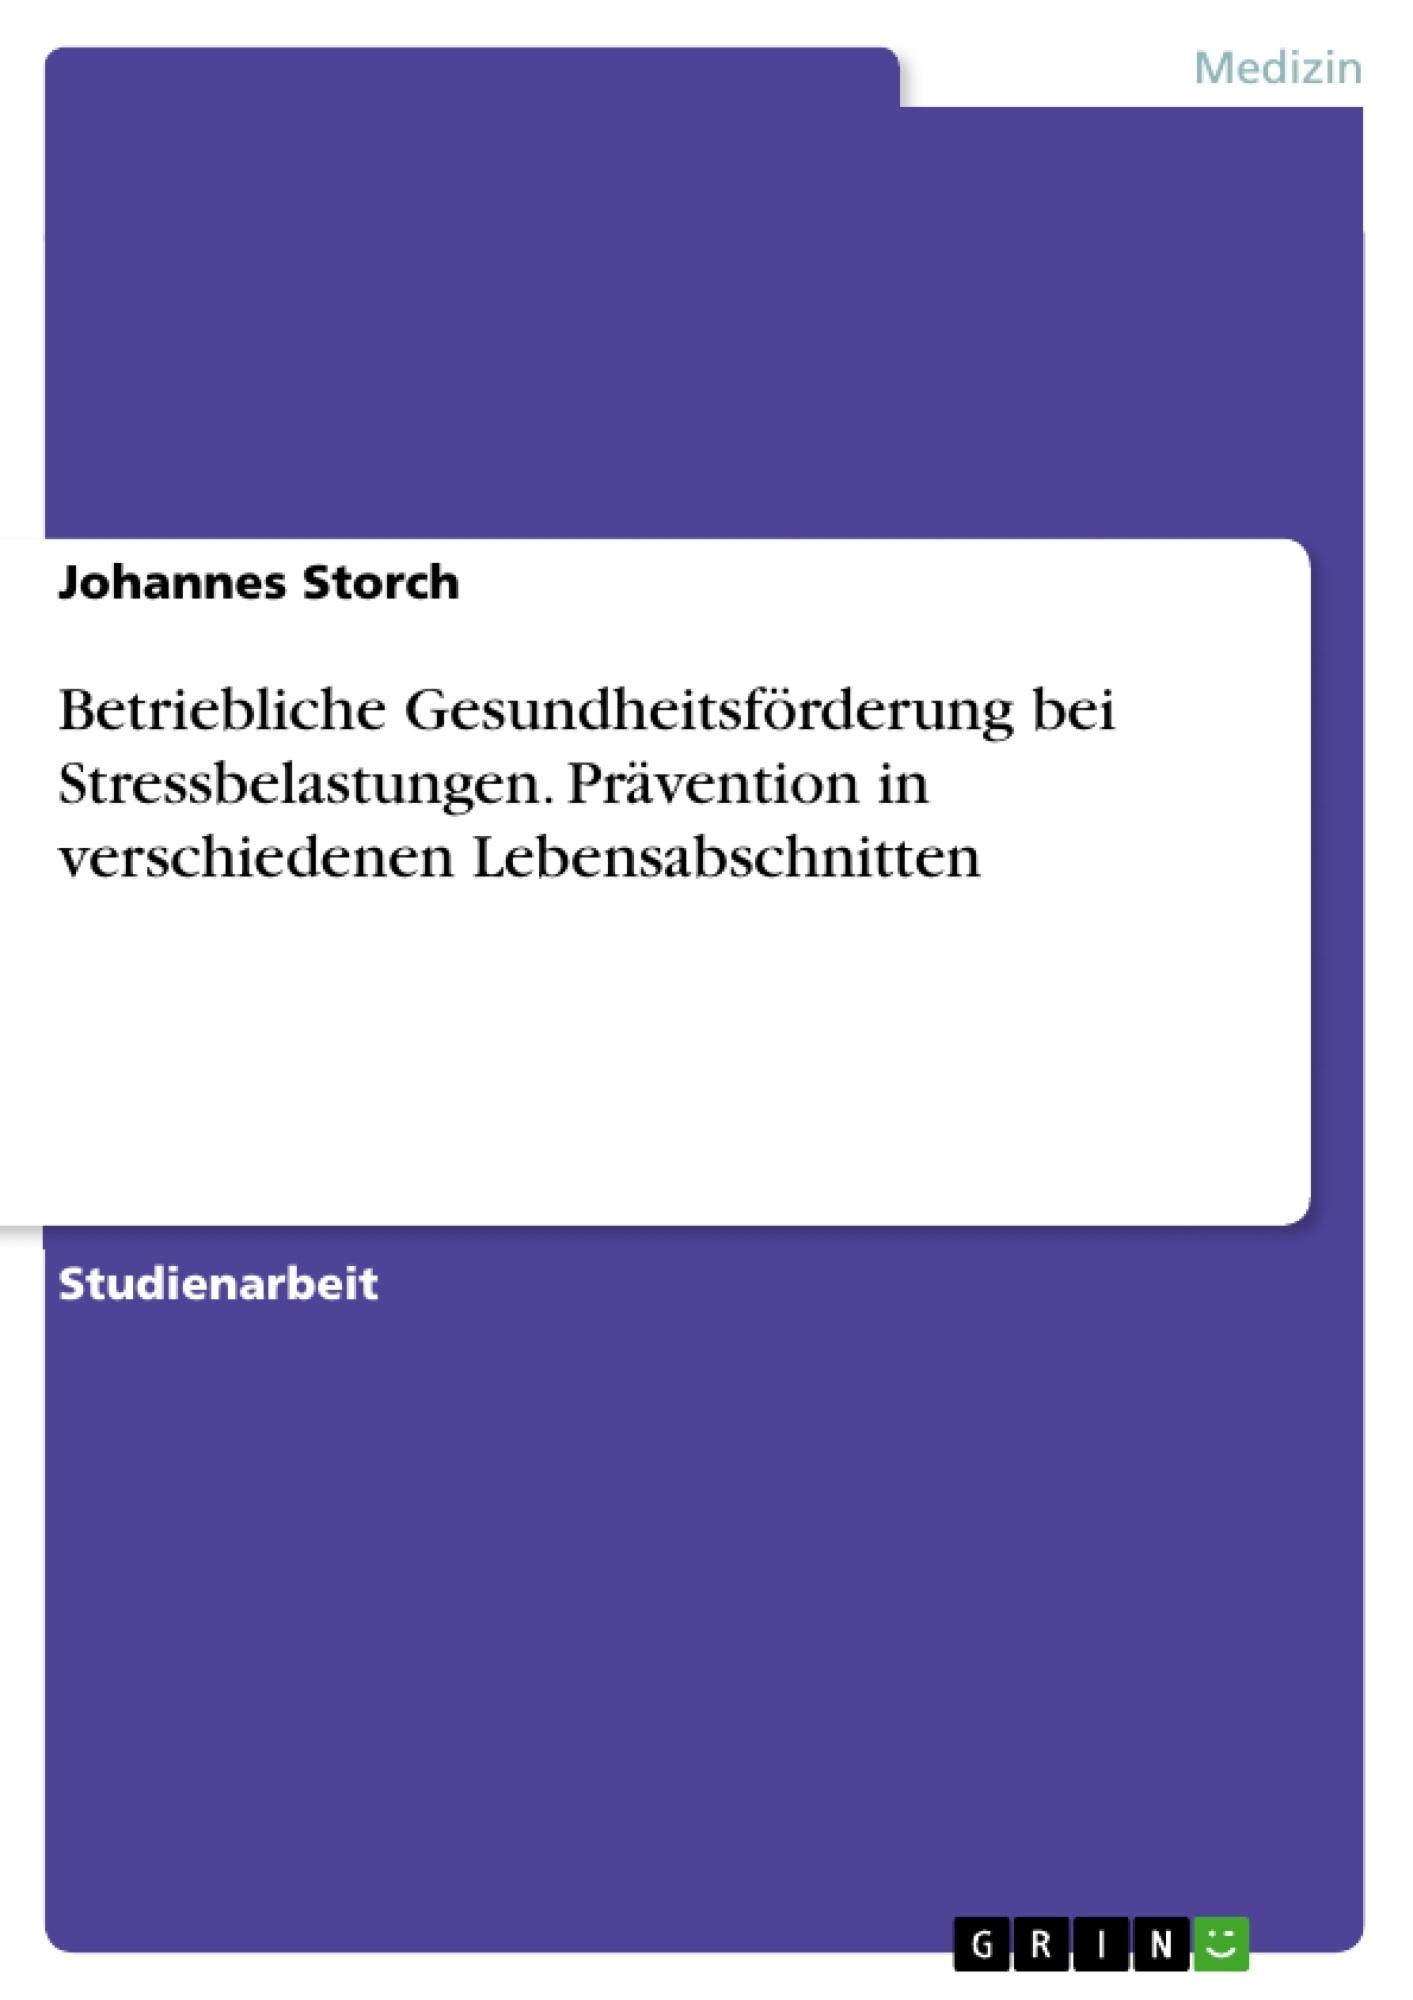 Titel: Betriebliche Gesundheitsförderung bei Stressbelastungen. Prävention in verschiedenen Lebensabschnitten